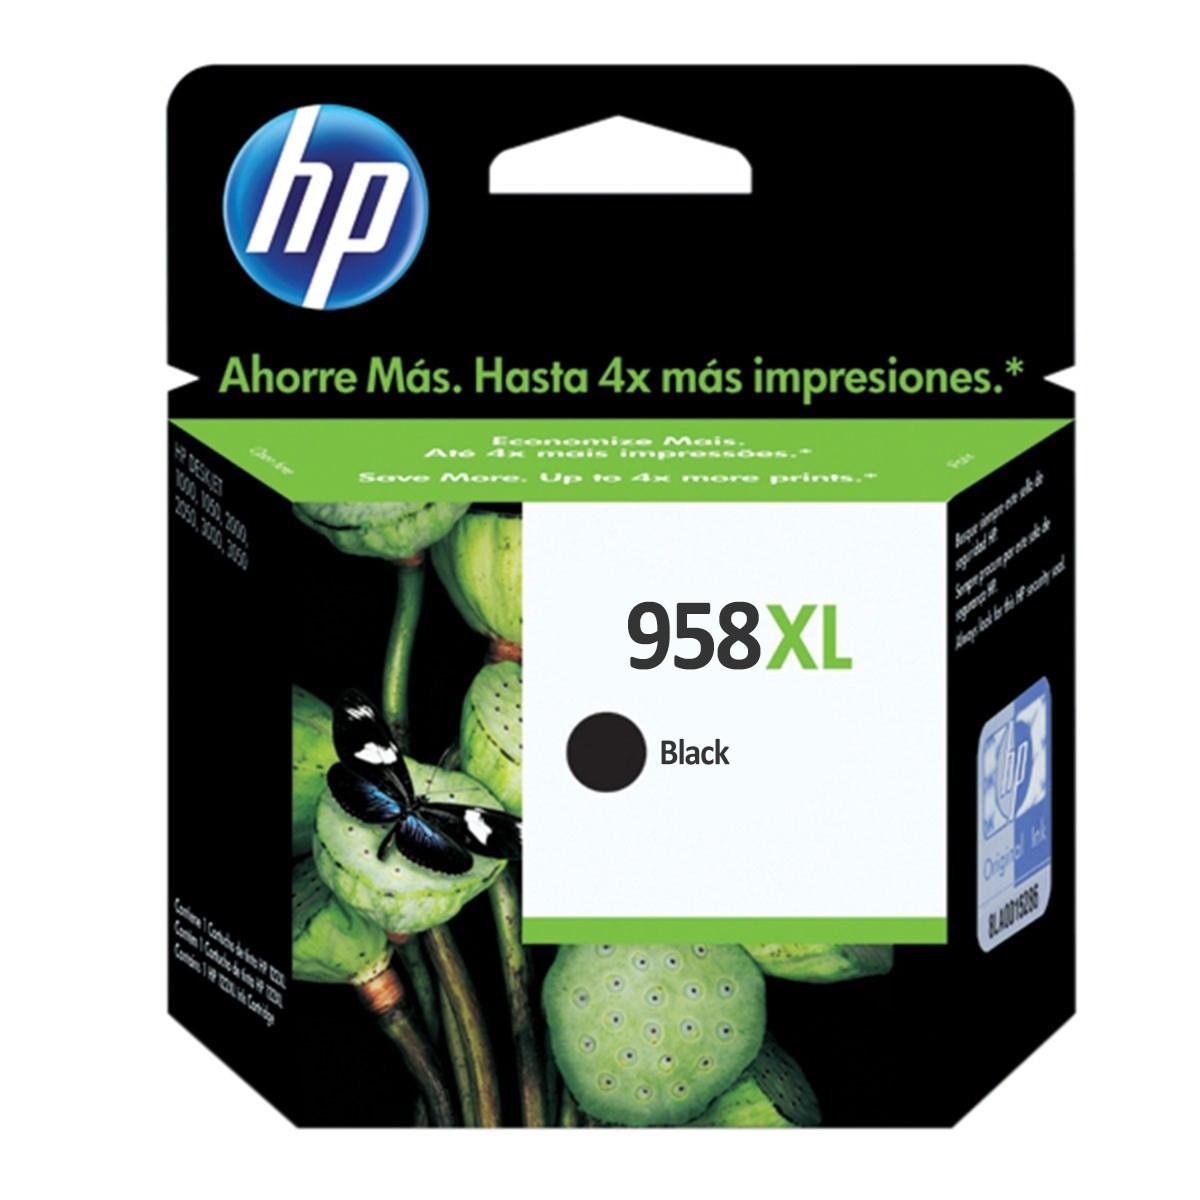 Cartucho de Tinta HP 958XL Preto L0R41AB | Officejet Pro 8720 8210 8725 8740 P27724DW | Original